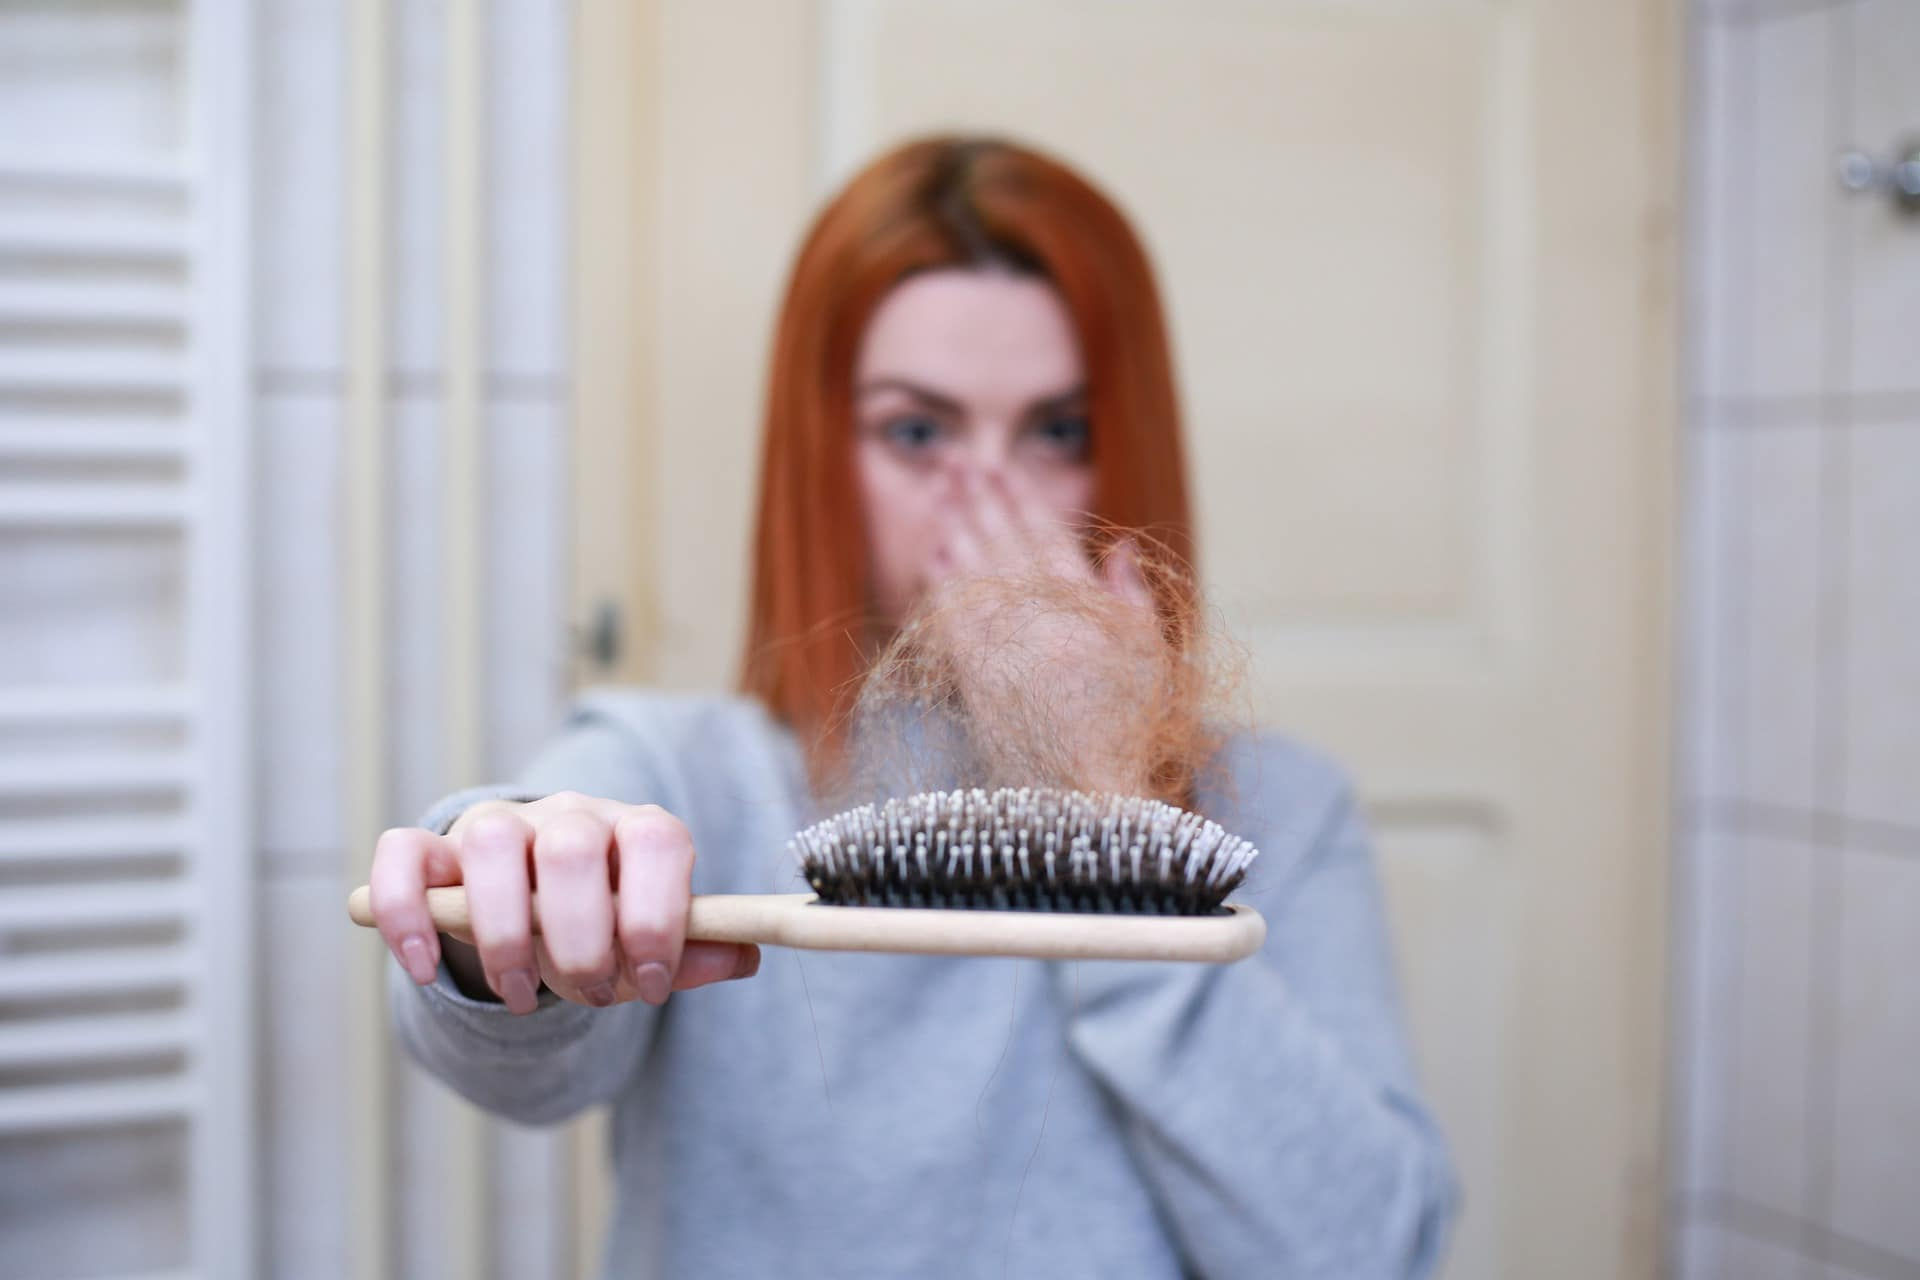 dpnna con perdita dei capelli che regge spazzola con tanti capelli attaccati